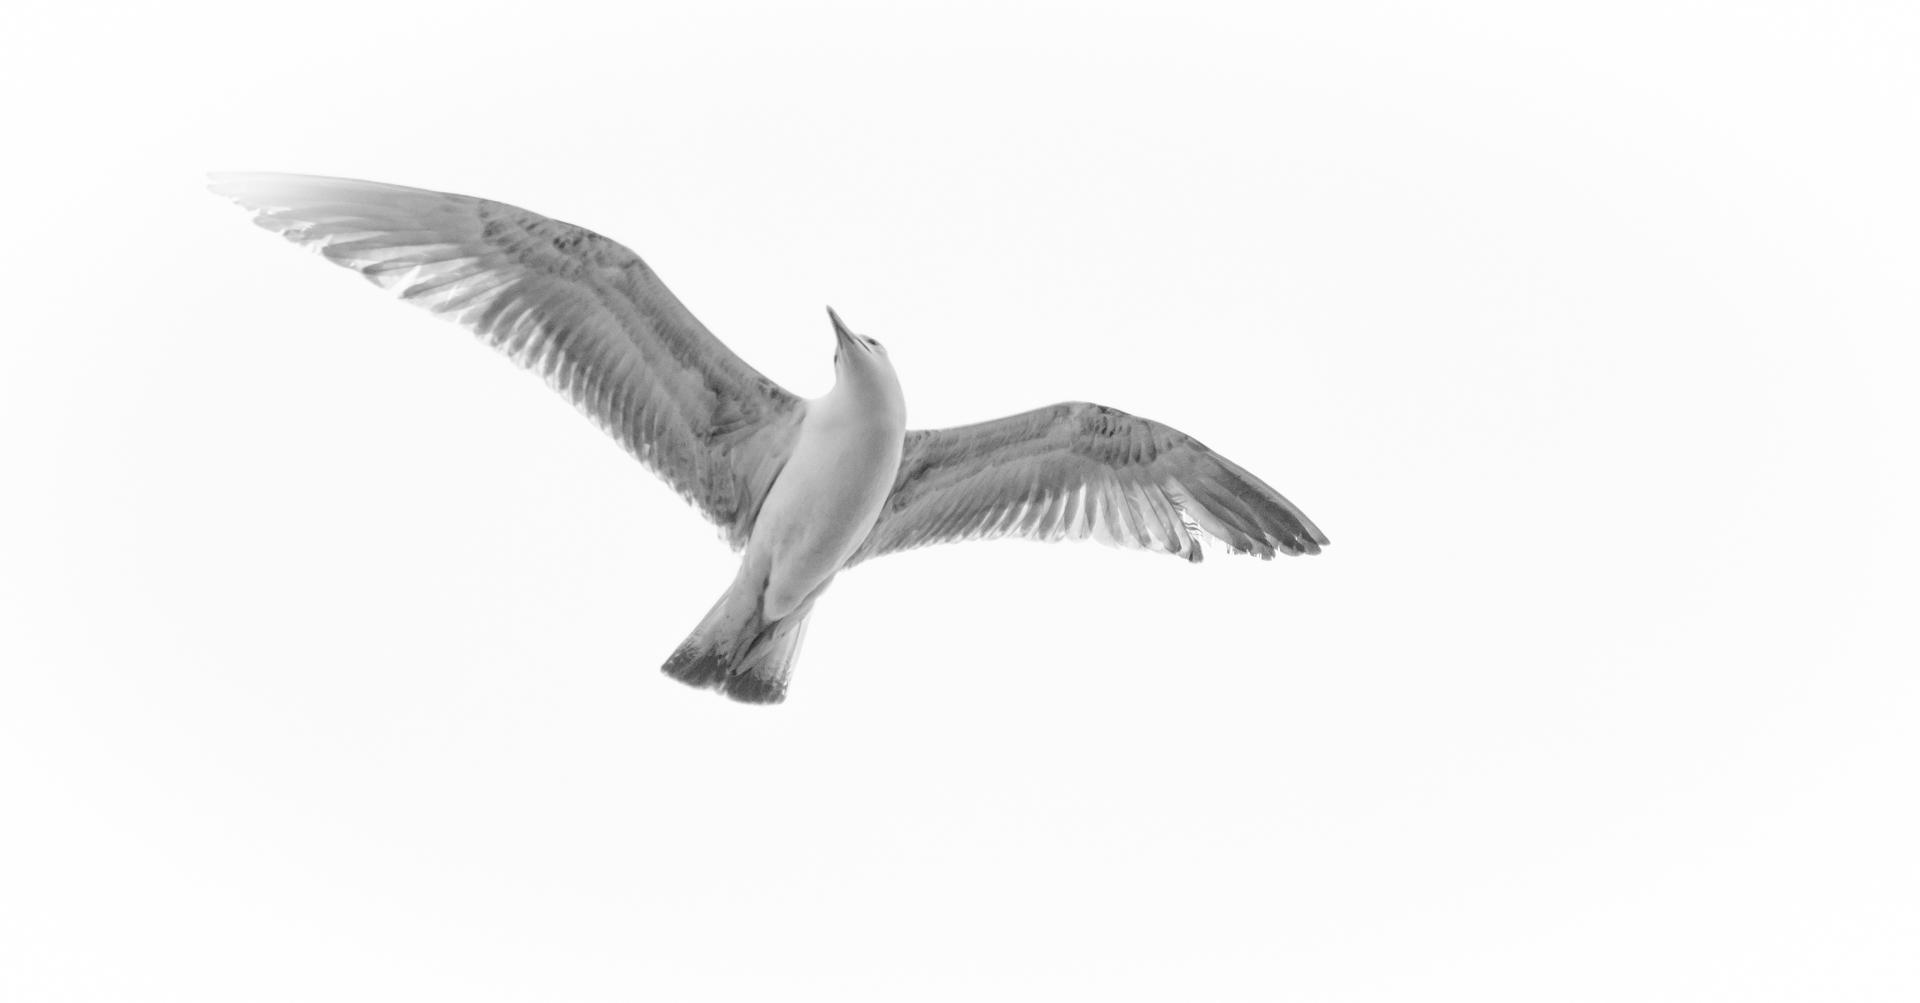 a bird's view